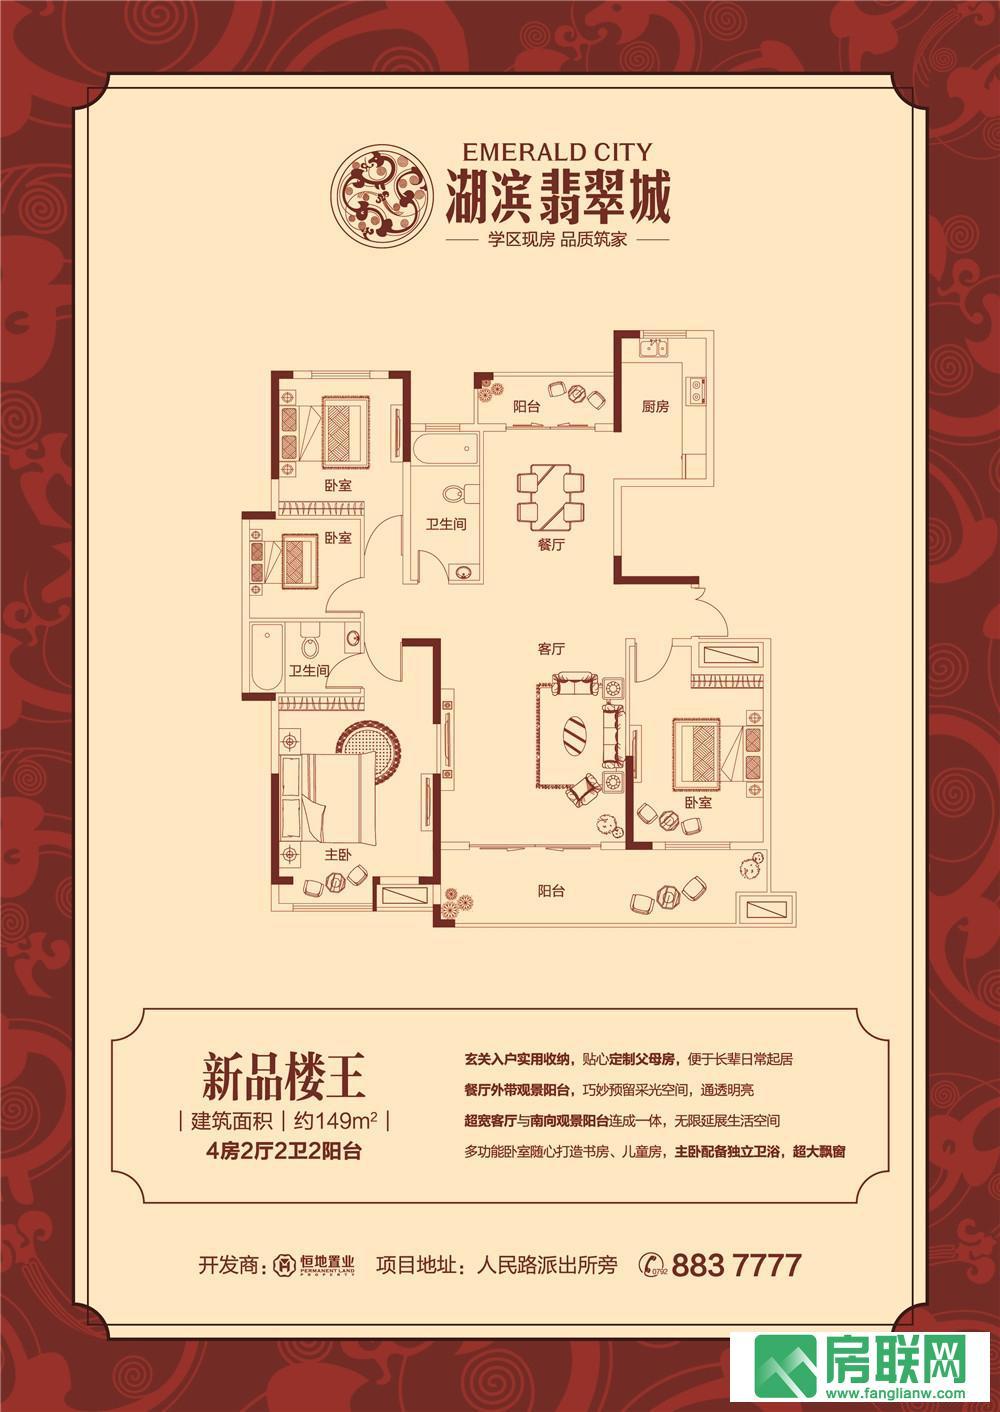 湖滨翡翠城的户型图